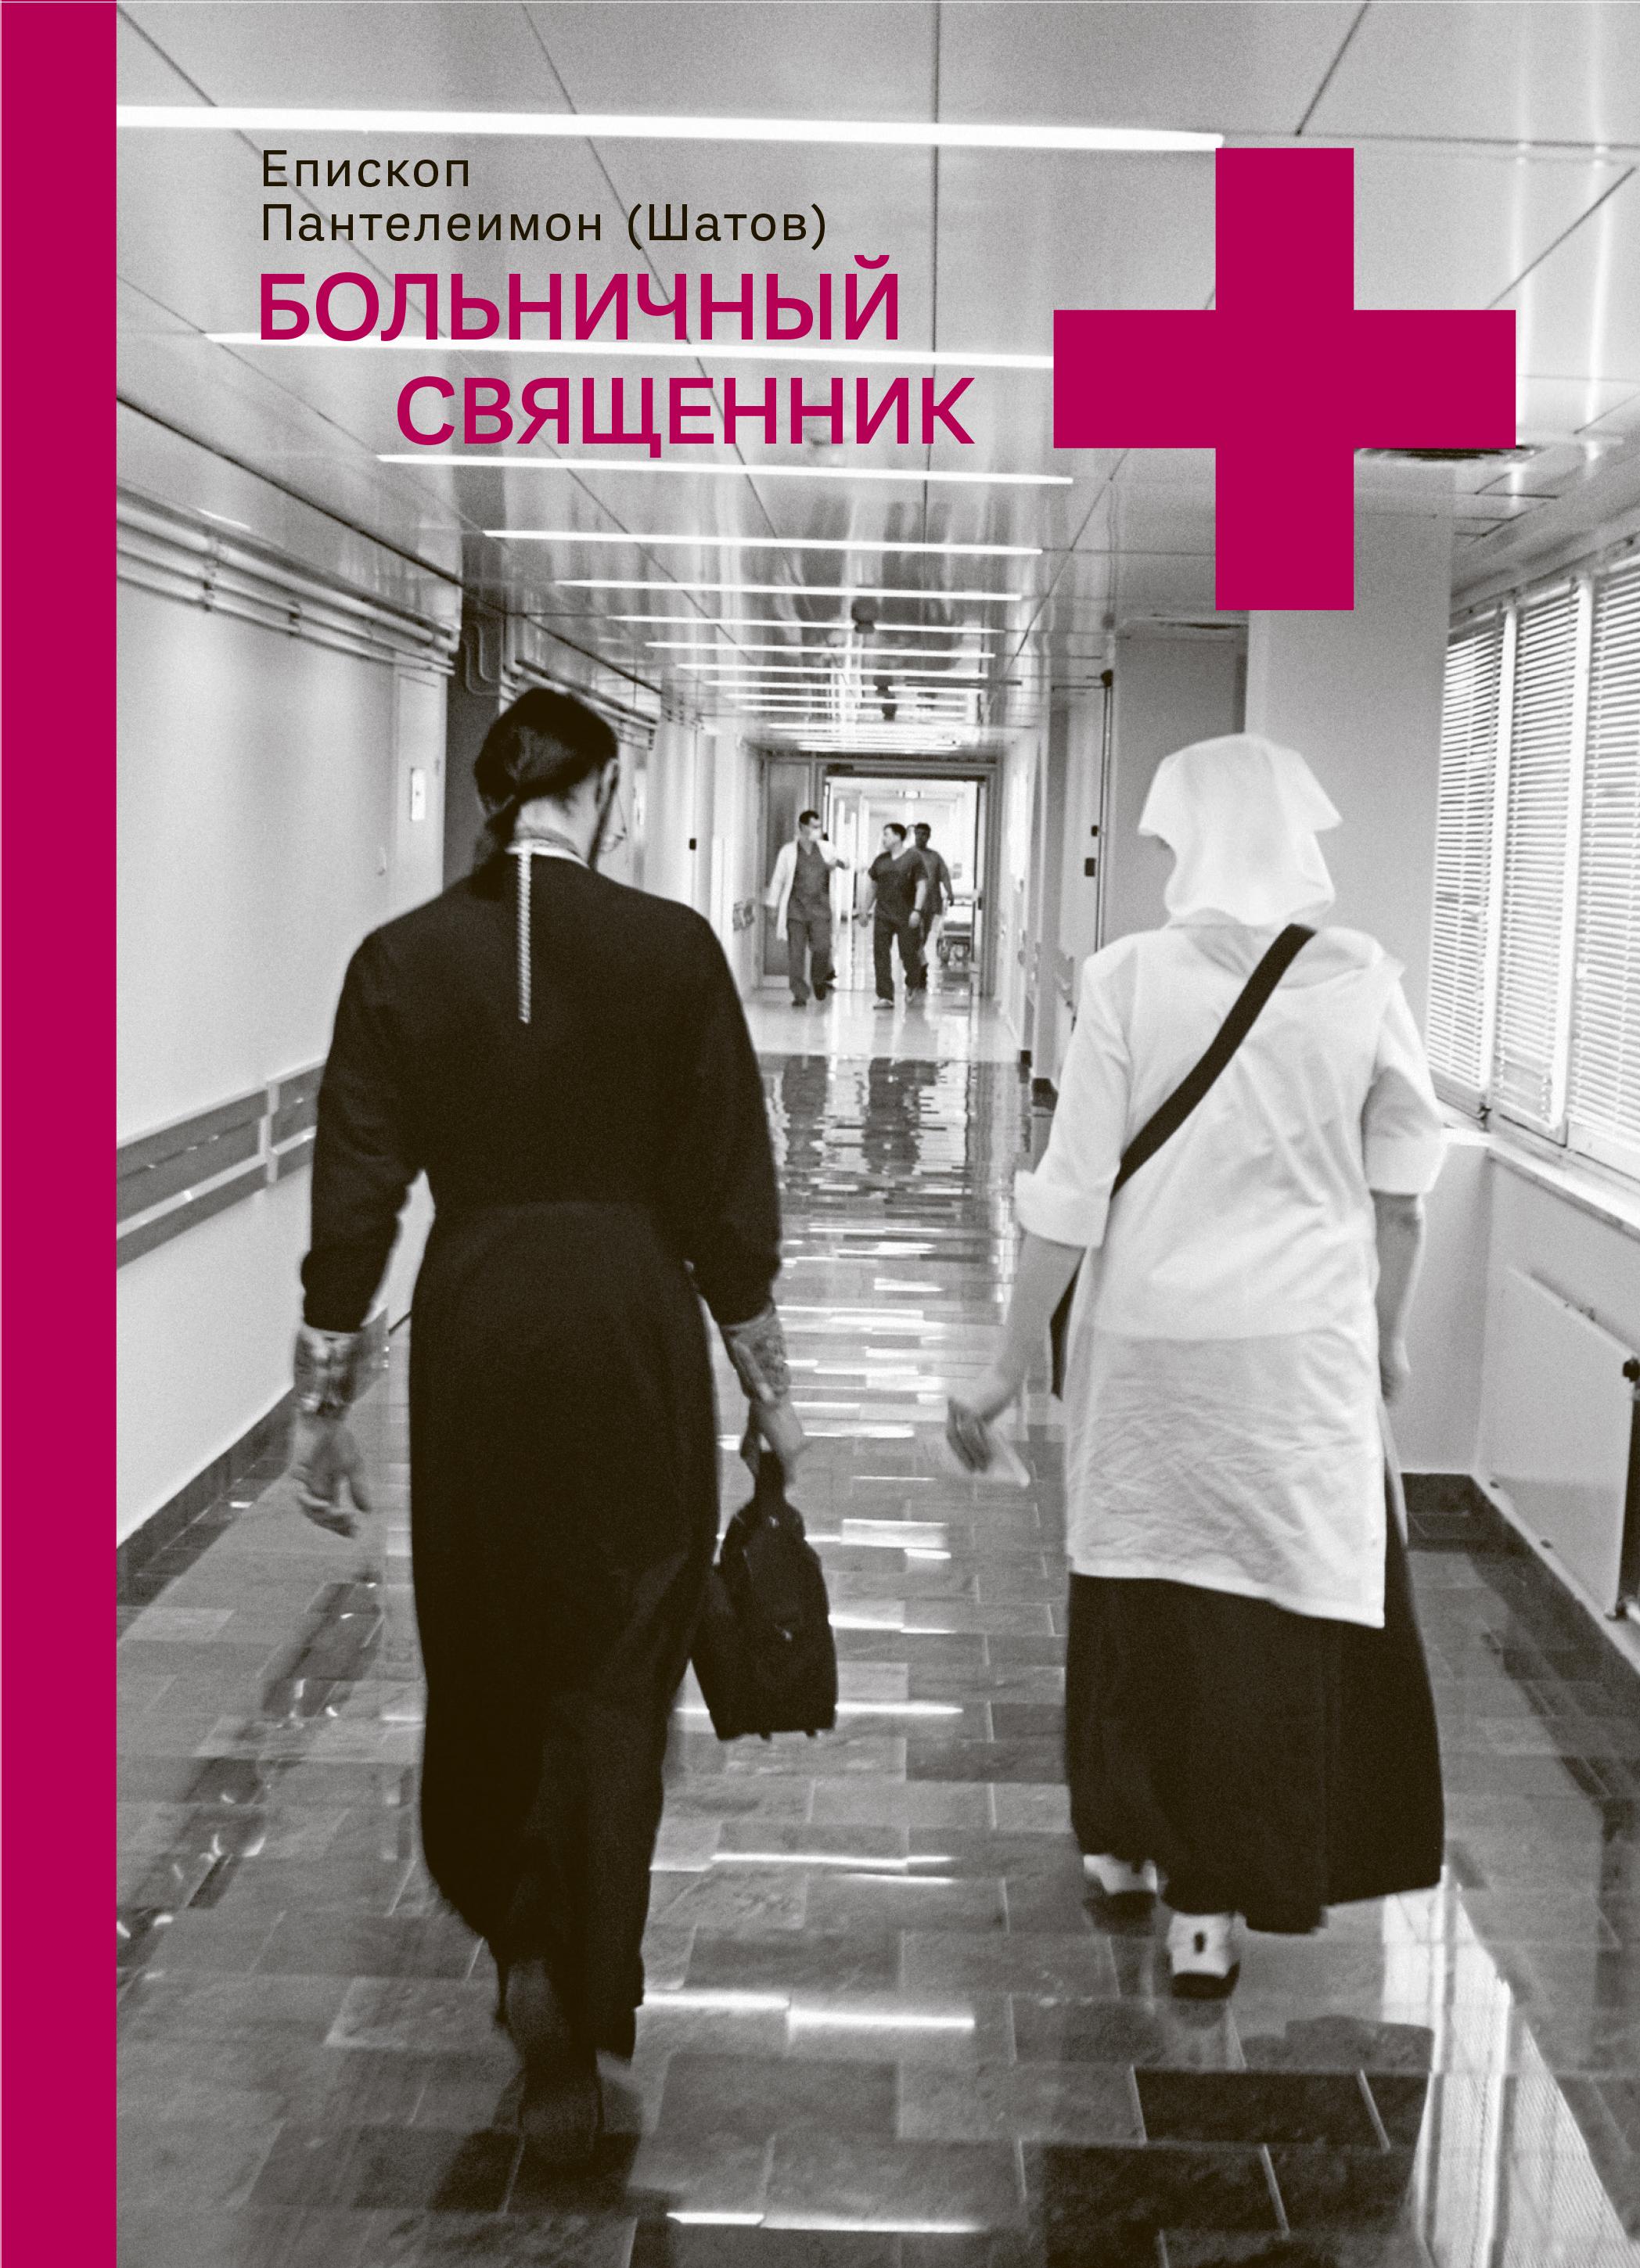 Вышла книга епископа Пантелеимона «Больничный священник»